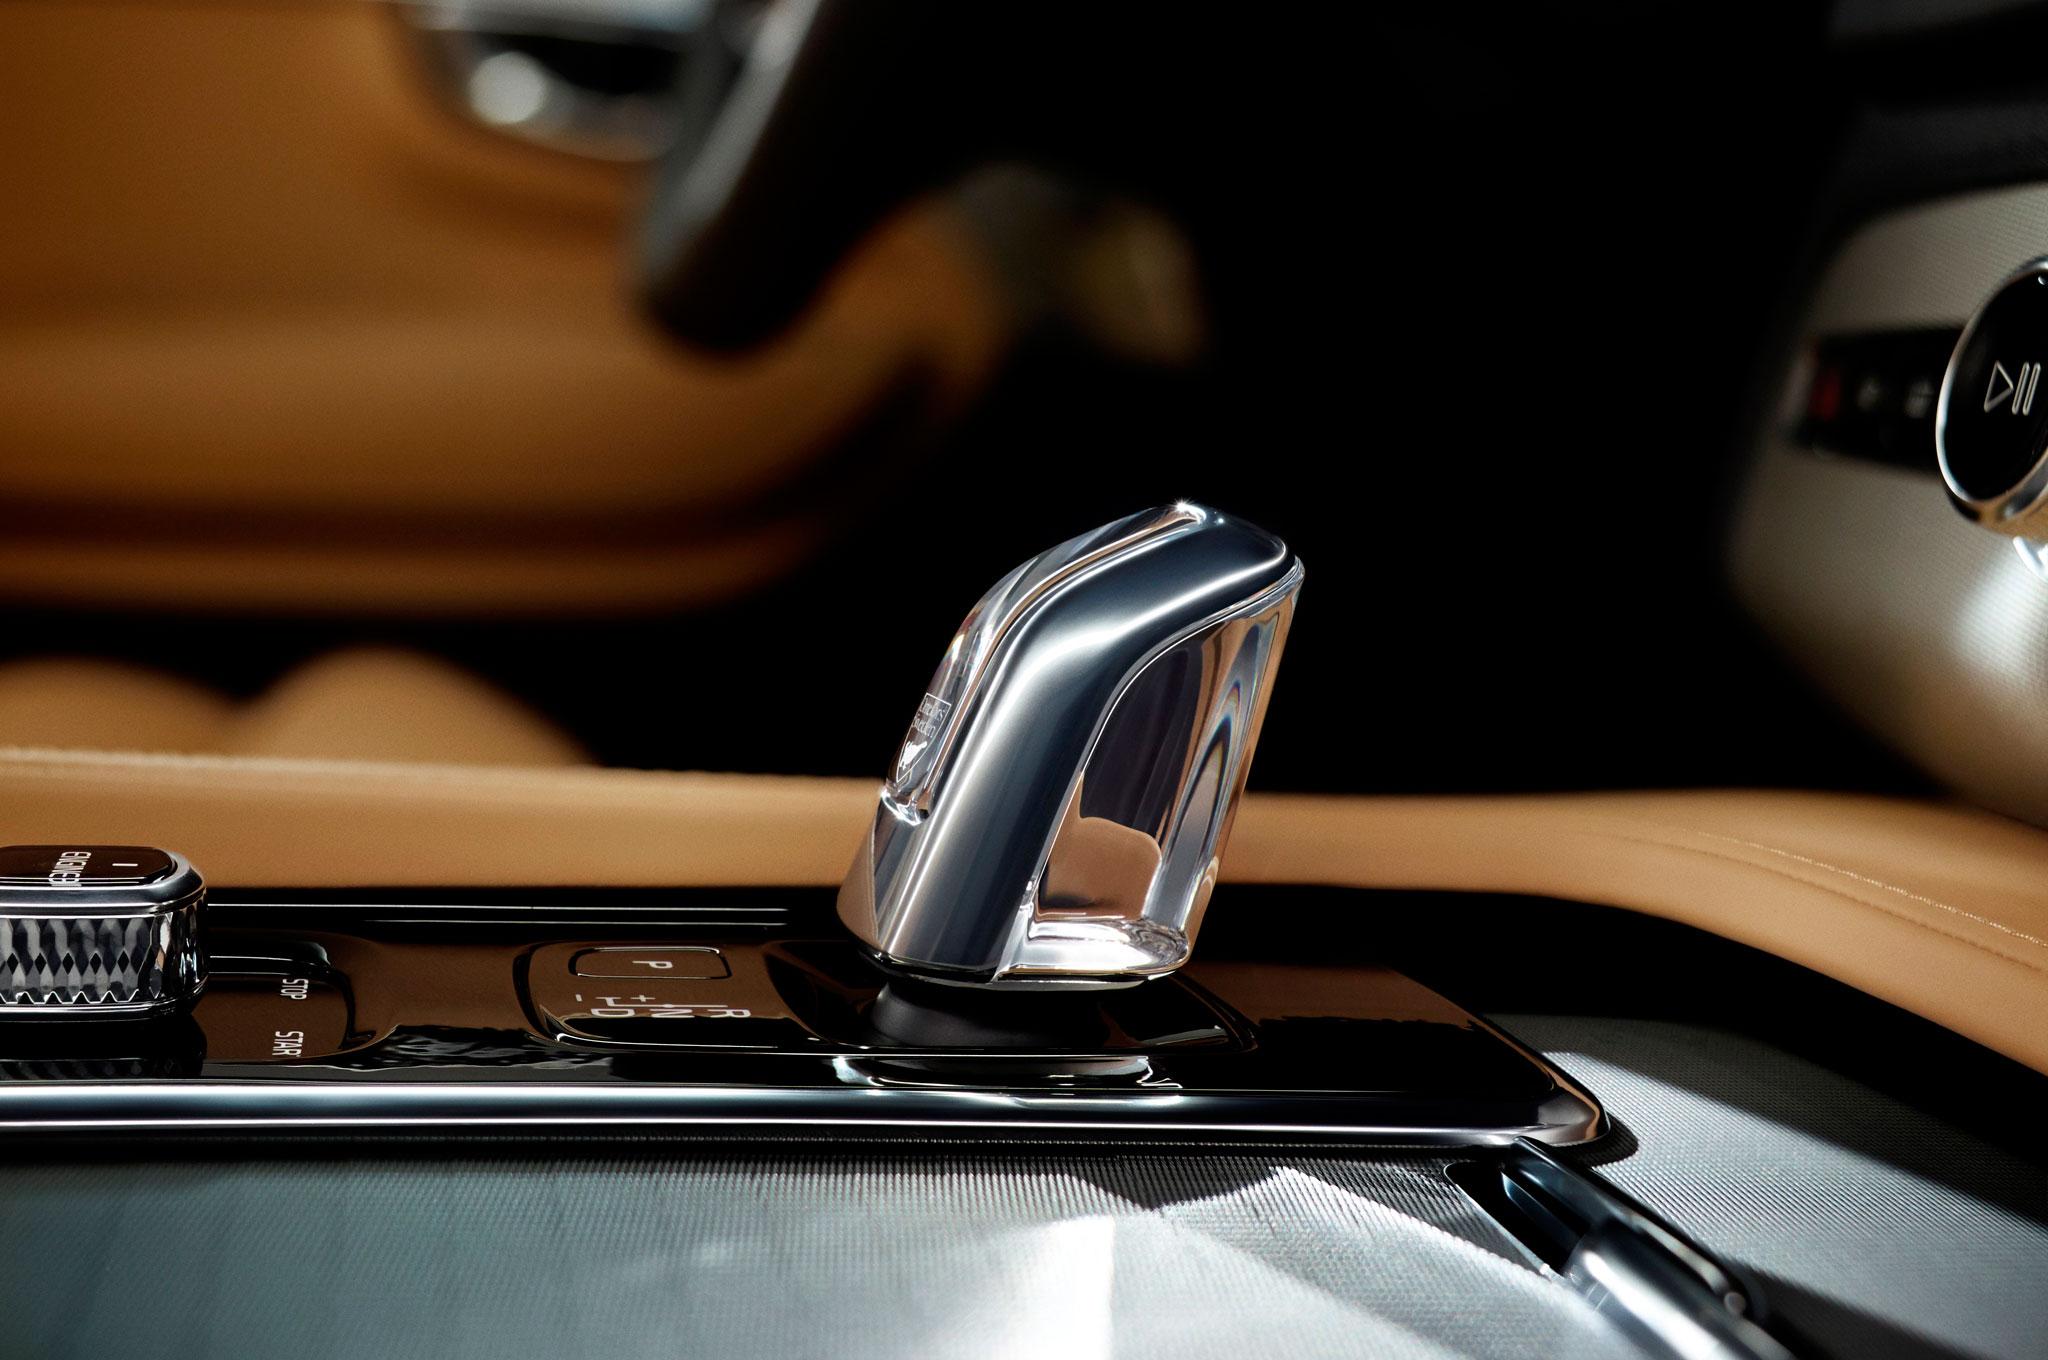 Volvo S90 Gear Shift Knob